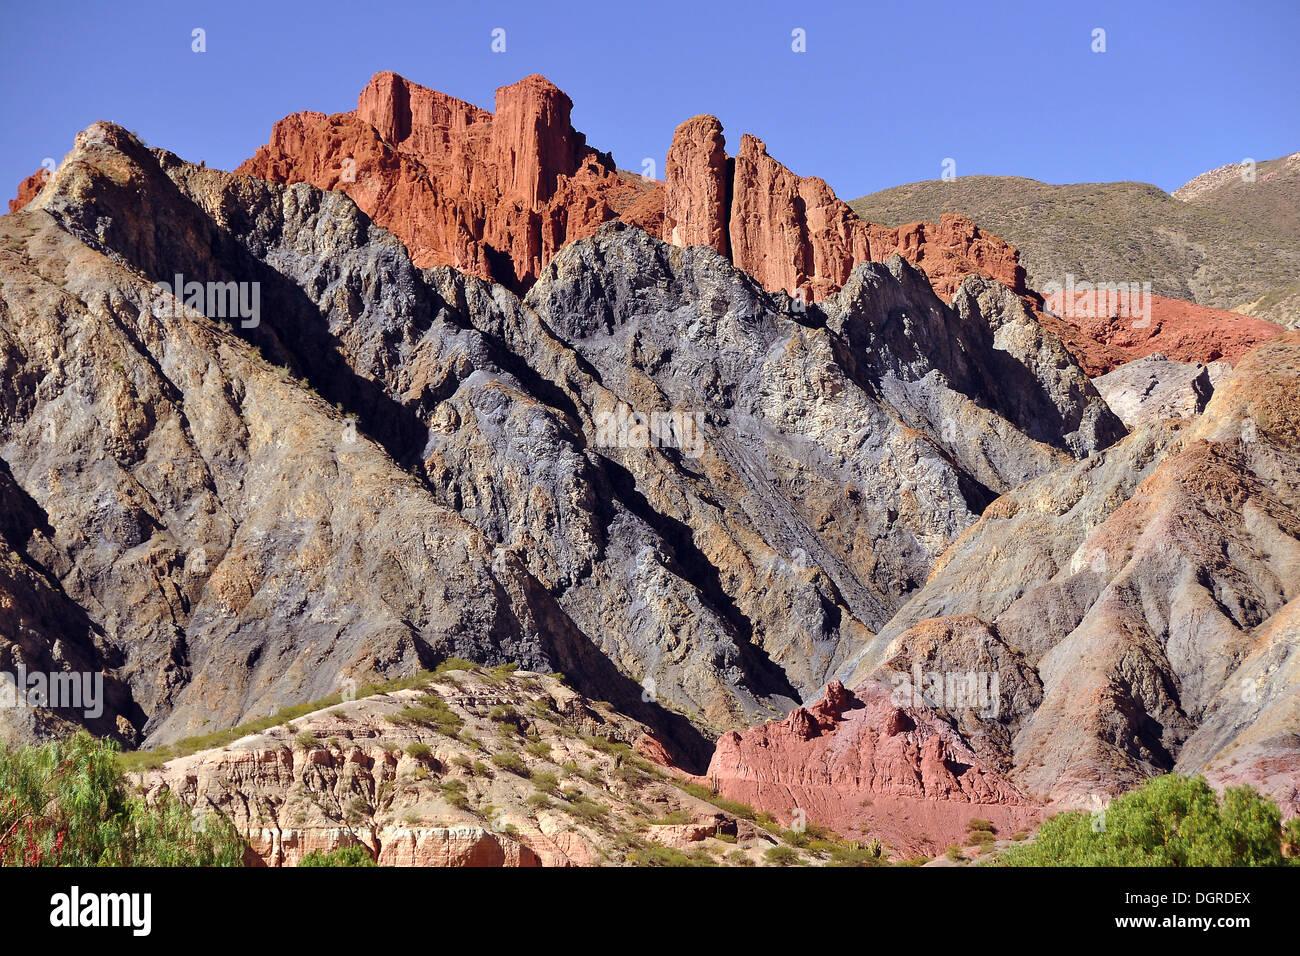 Colorful rock landscape of the Altiplano, Tupiza, Departamento Potosi, Bolivia, South America - Stock Image